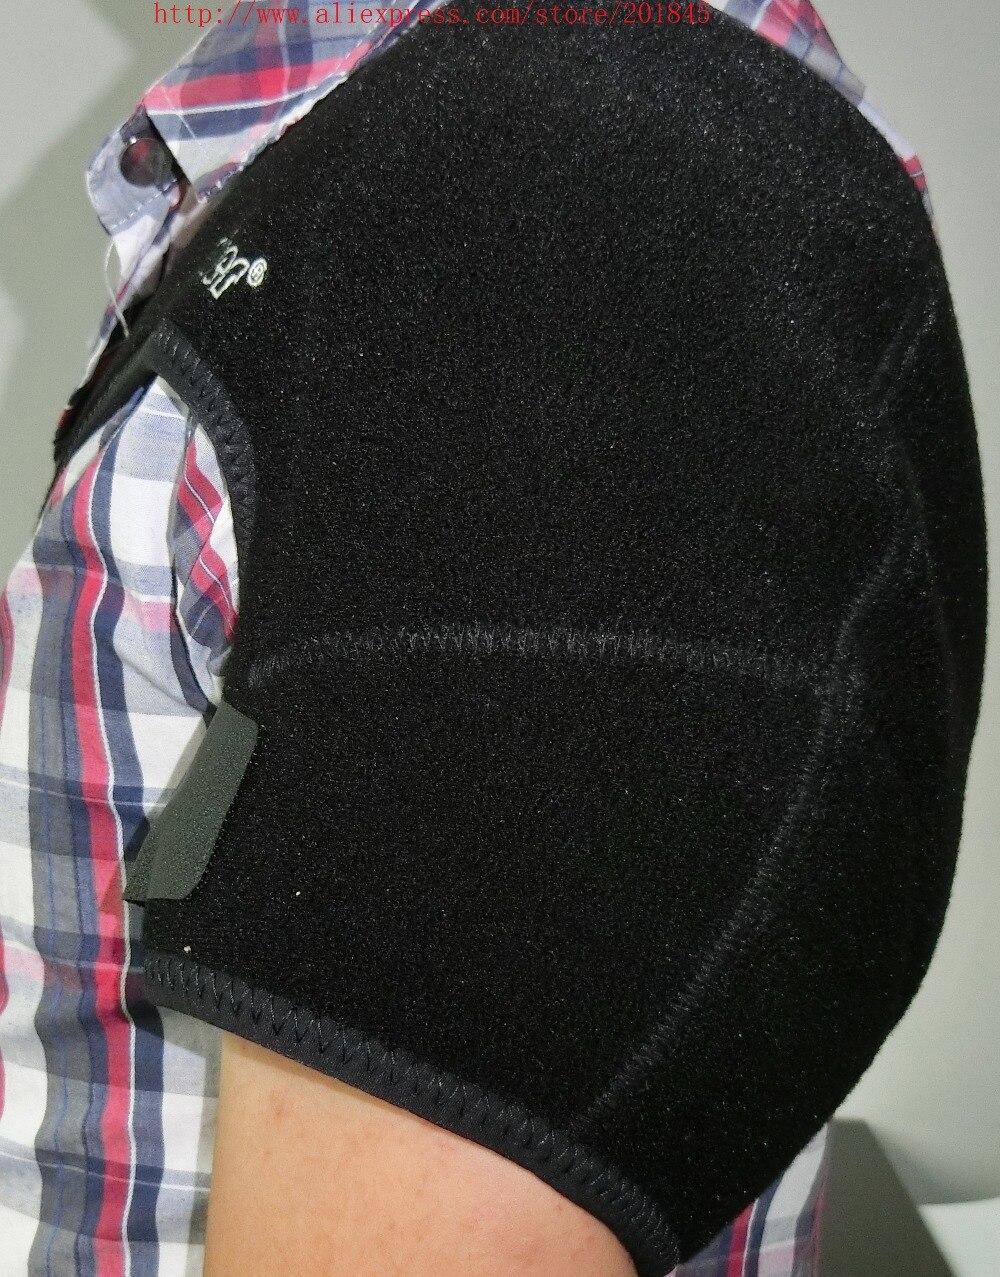 New Adjustable Compression Neoprene Single Shoulder Support Brace Strap Wrap Belt Shoulder Dislocation Arthritis Protector <br>